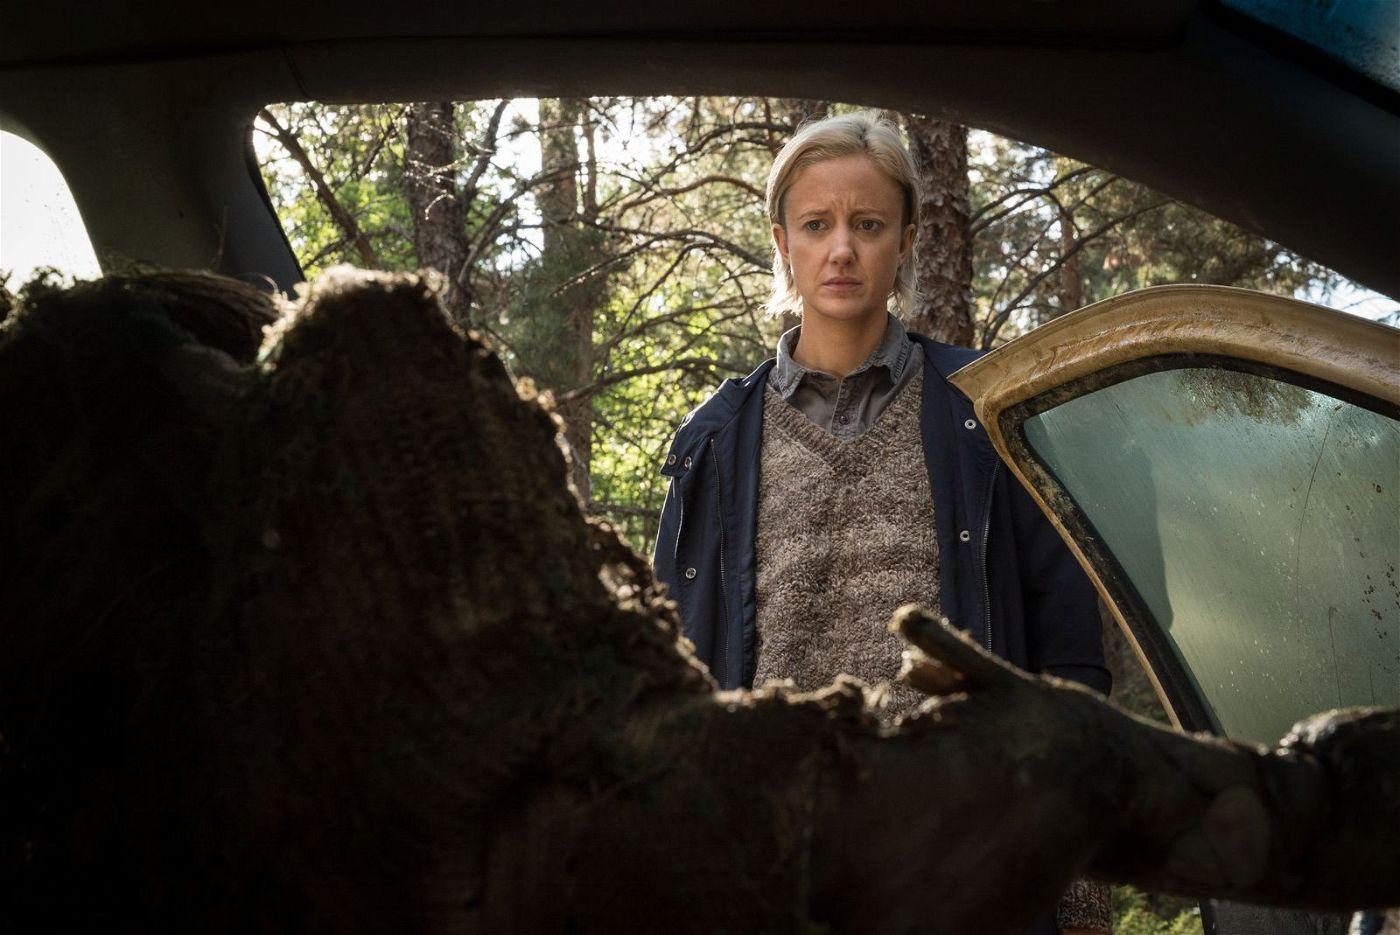 Muldoon (Andrea Riseborough) begutachet die stark verweste Leiche einer verunglückten Autofahrerin und erhält erste Hinweise auf das verfluchte Haus.